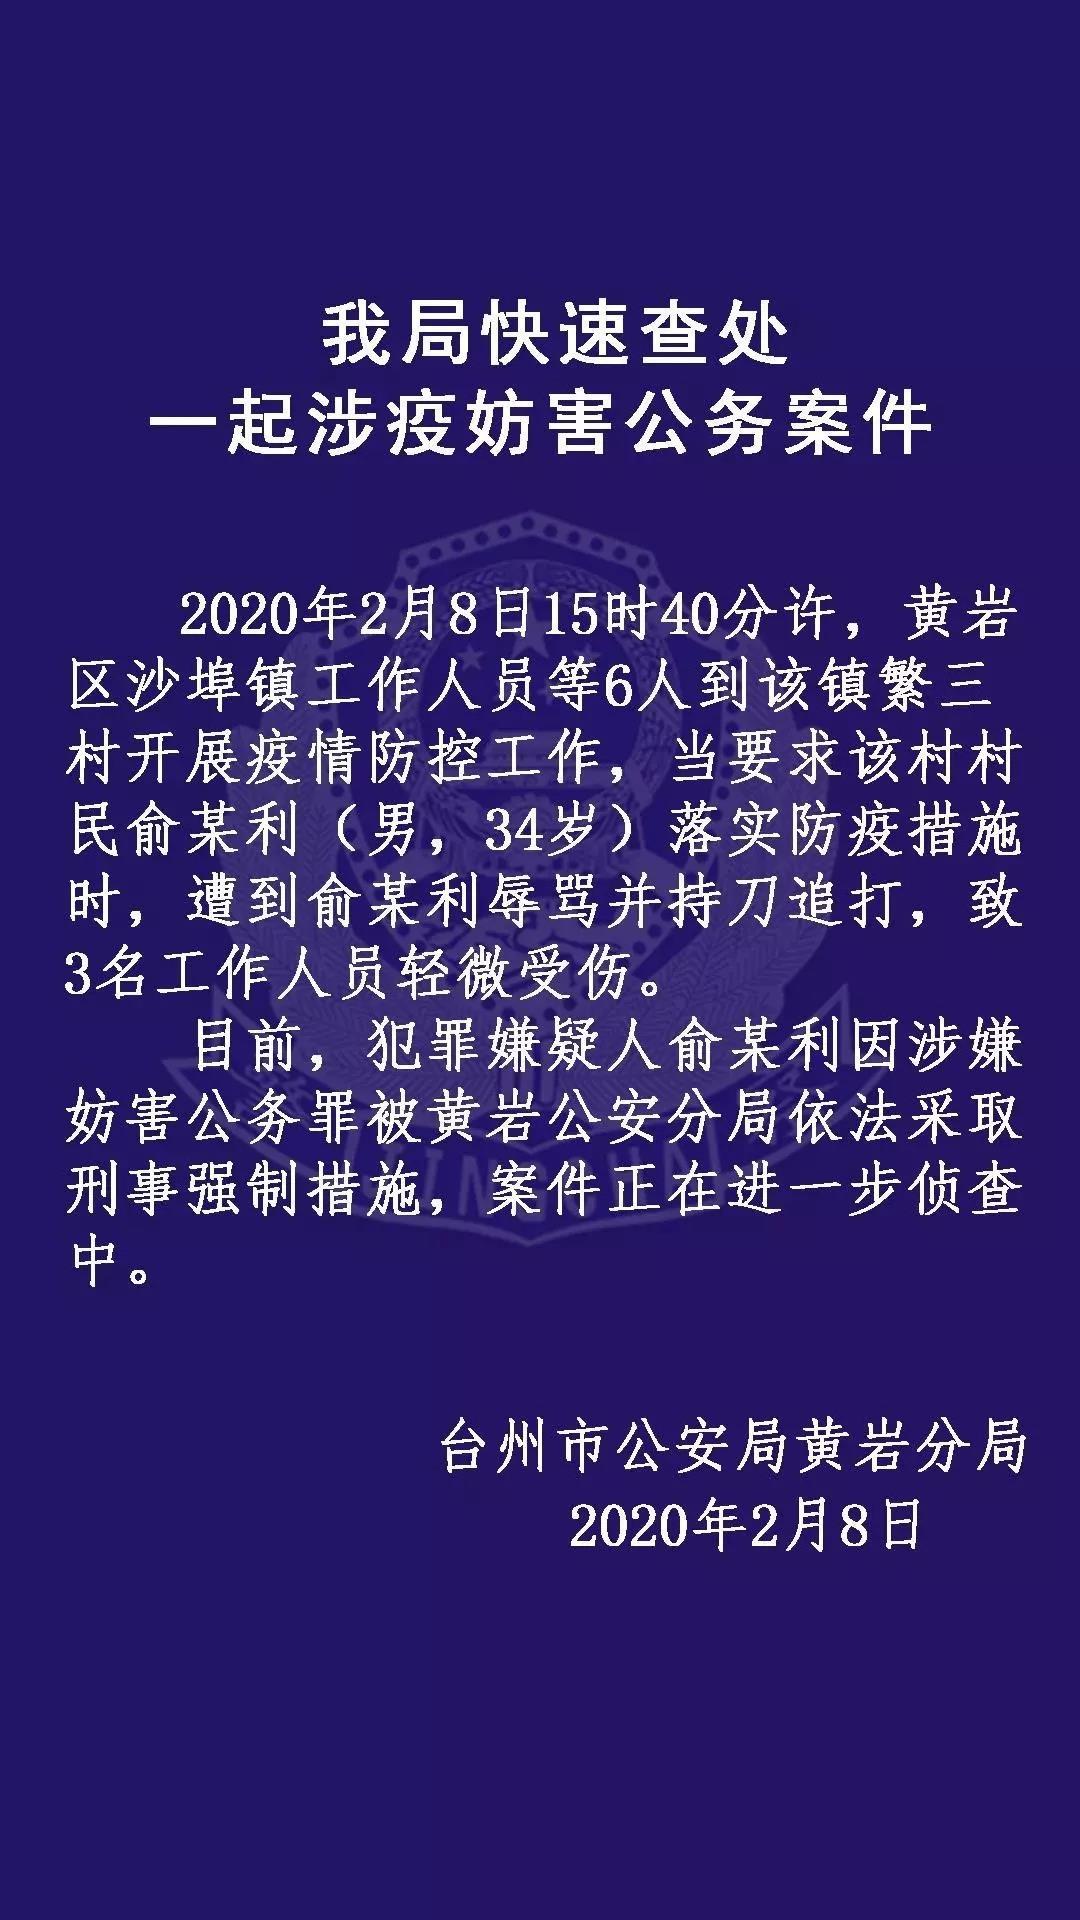 微信图片_20200209092247.jpg